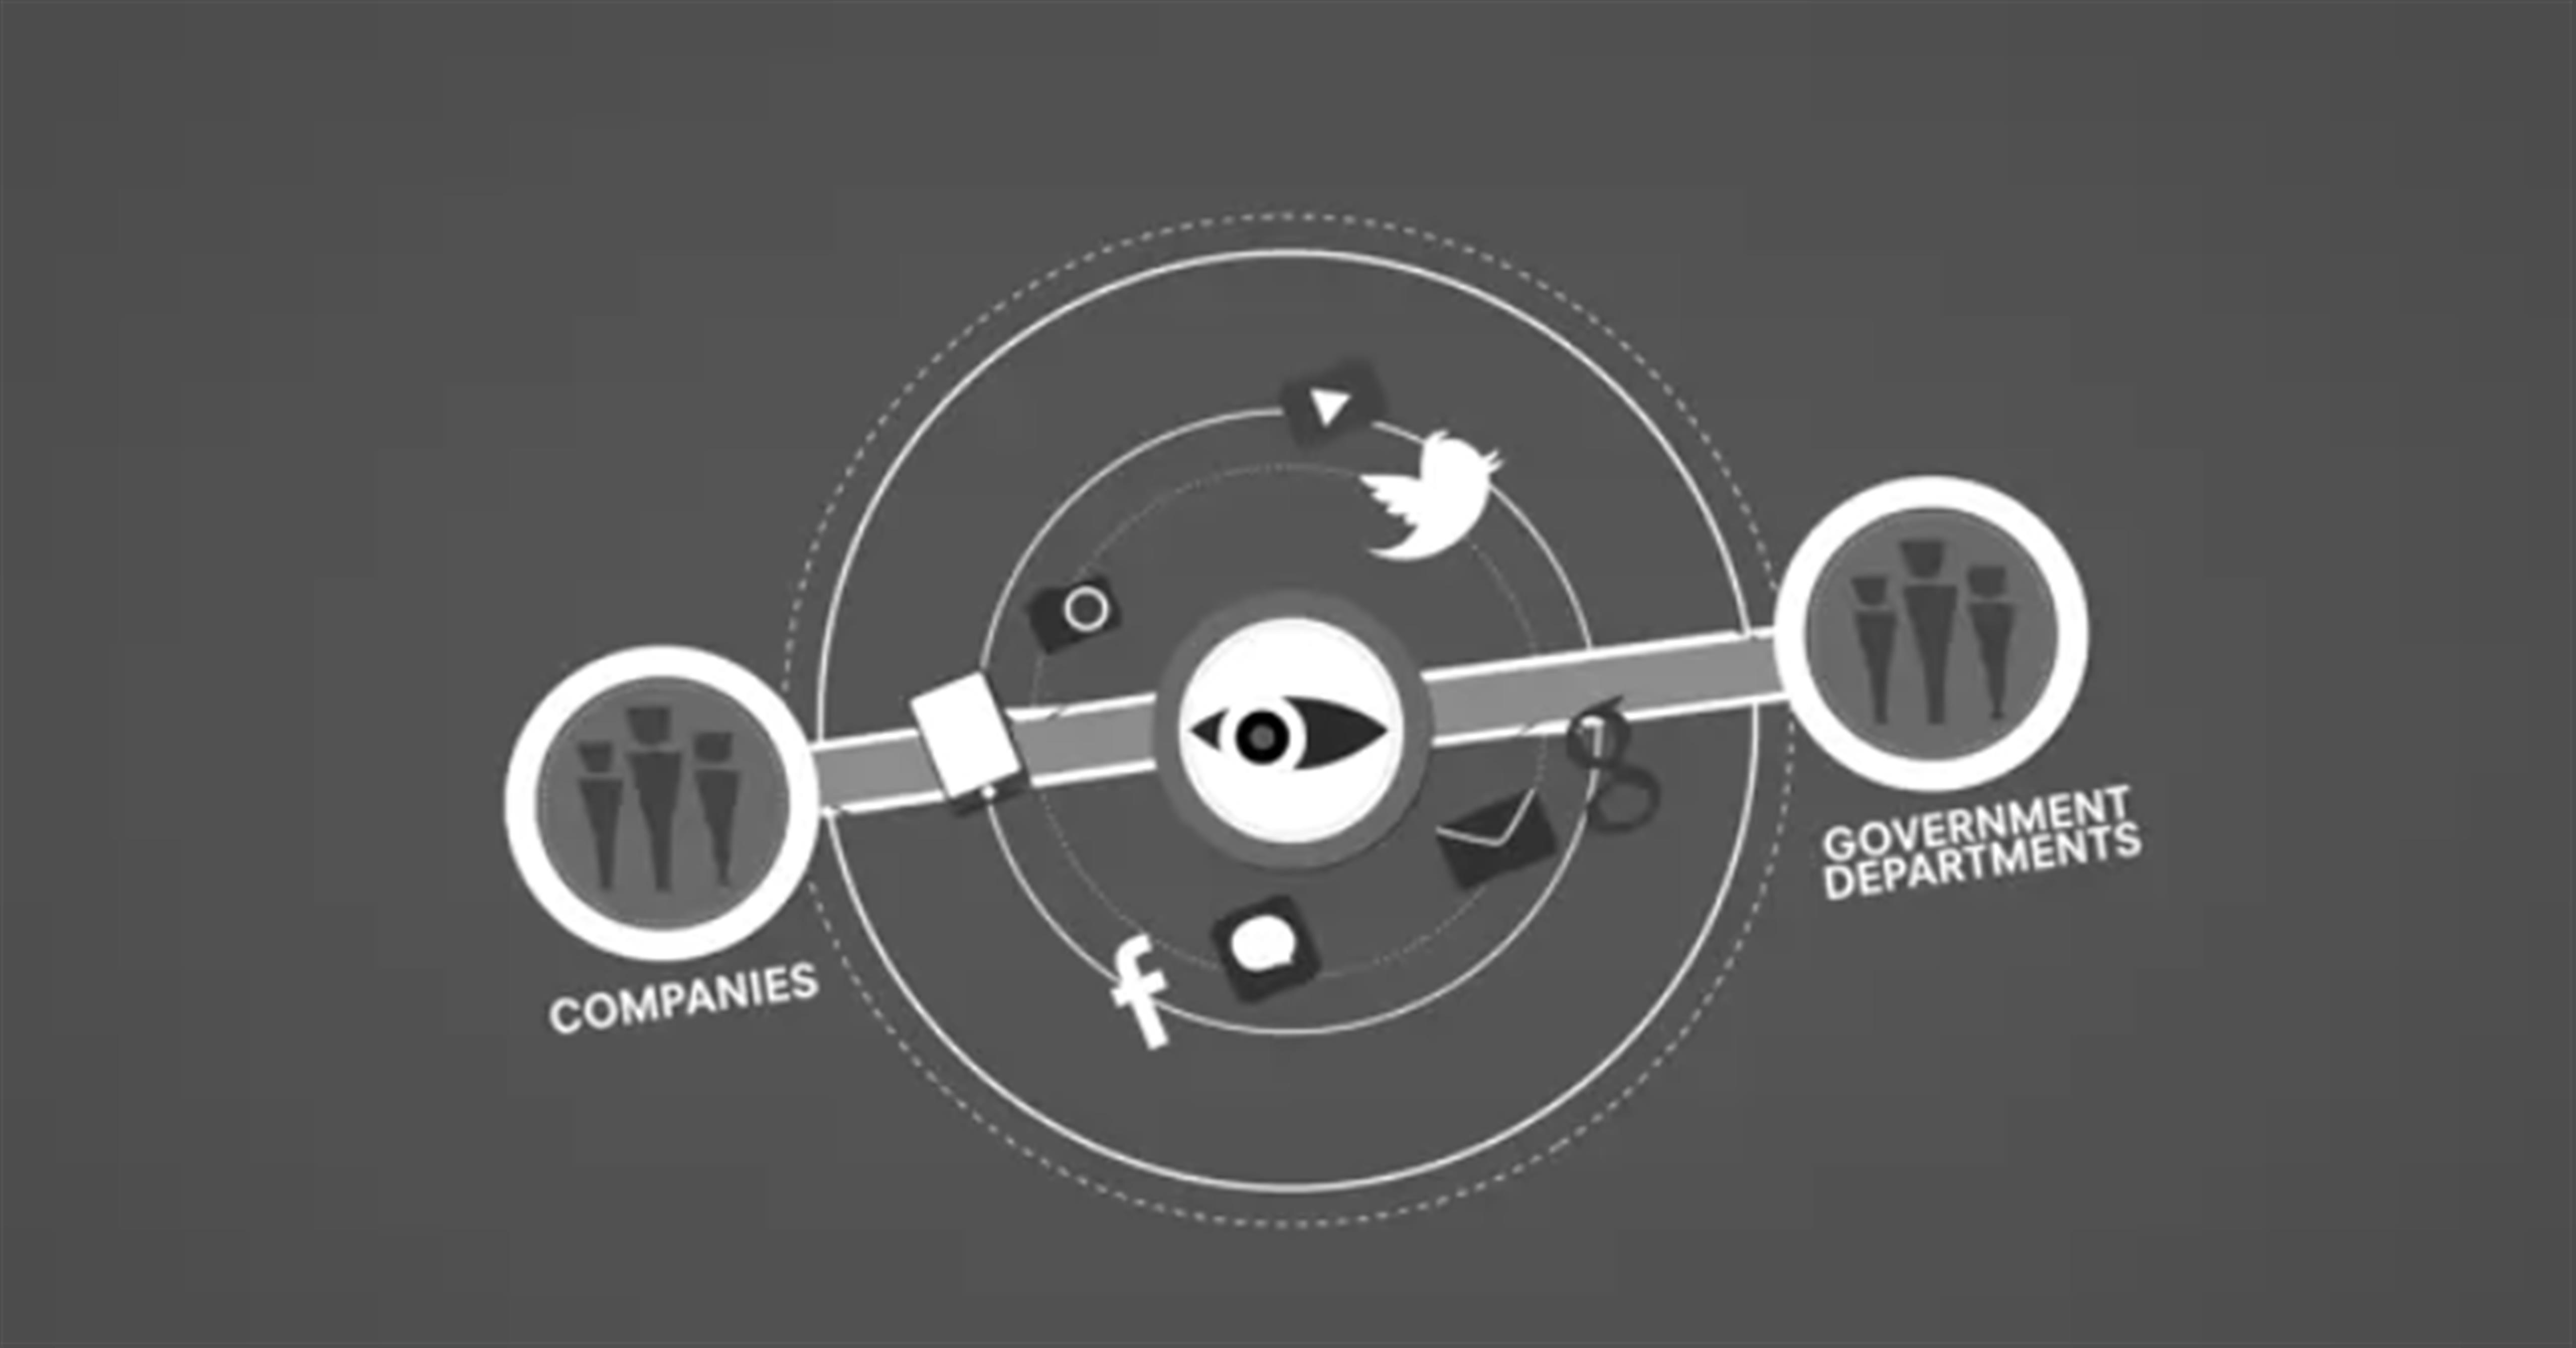 ONU: rapporto ombra su hacking e minacce alla privacy